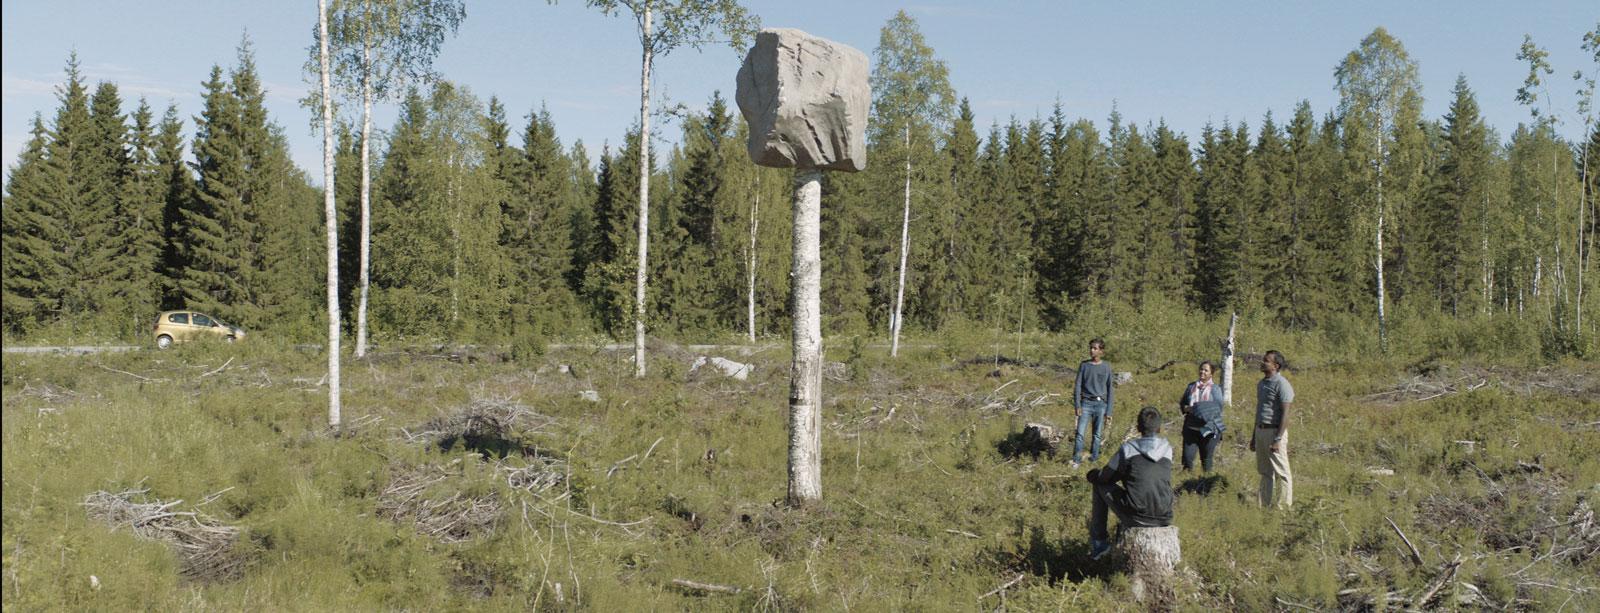 Den längsta dagen, film nr fyra i Jonas Augustséns filmsvit